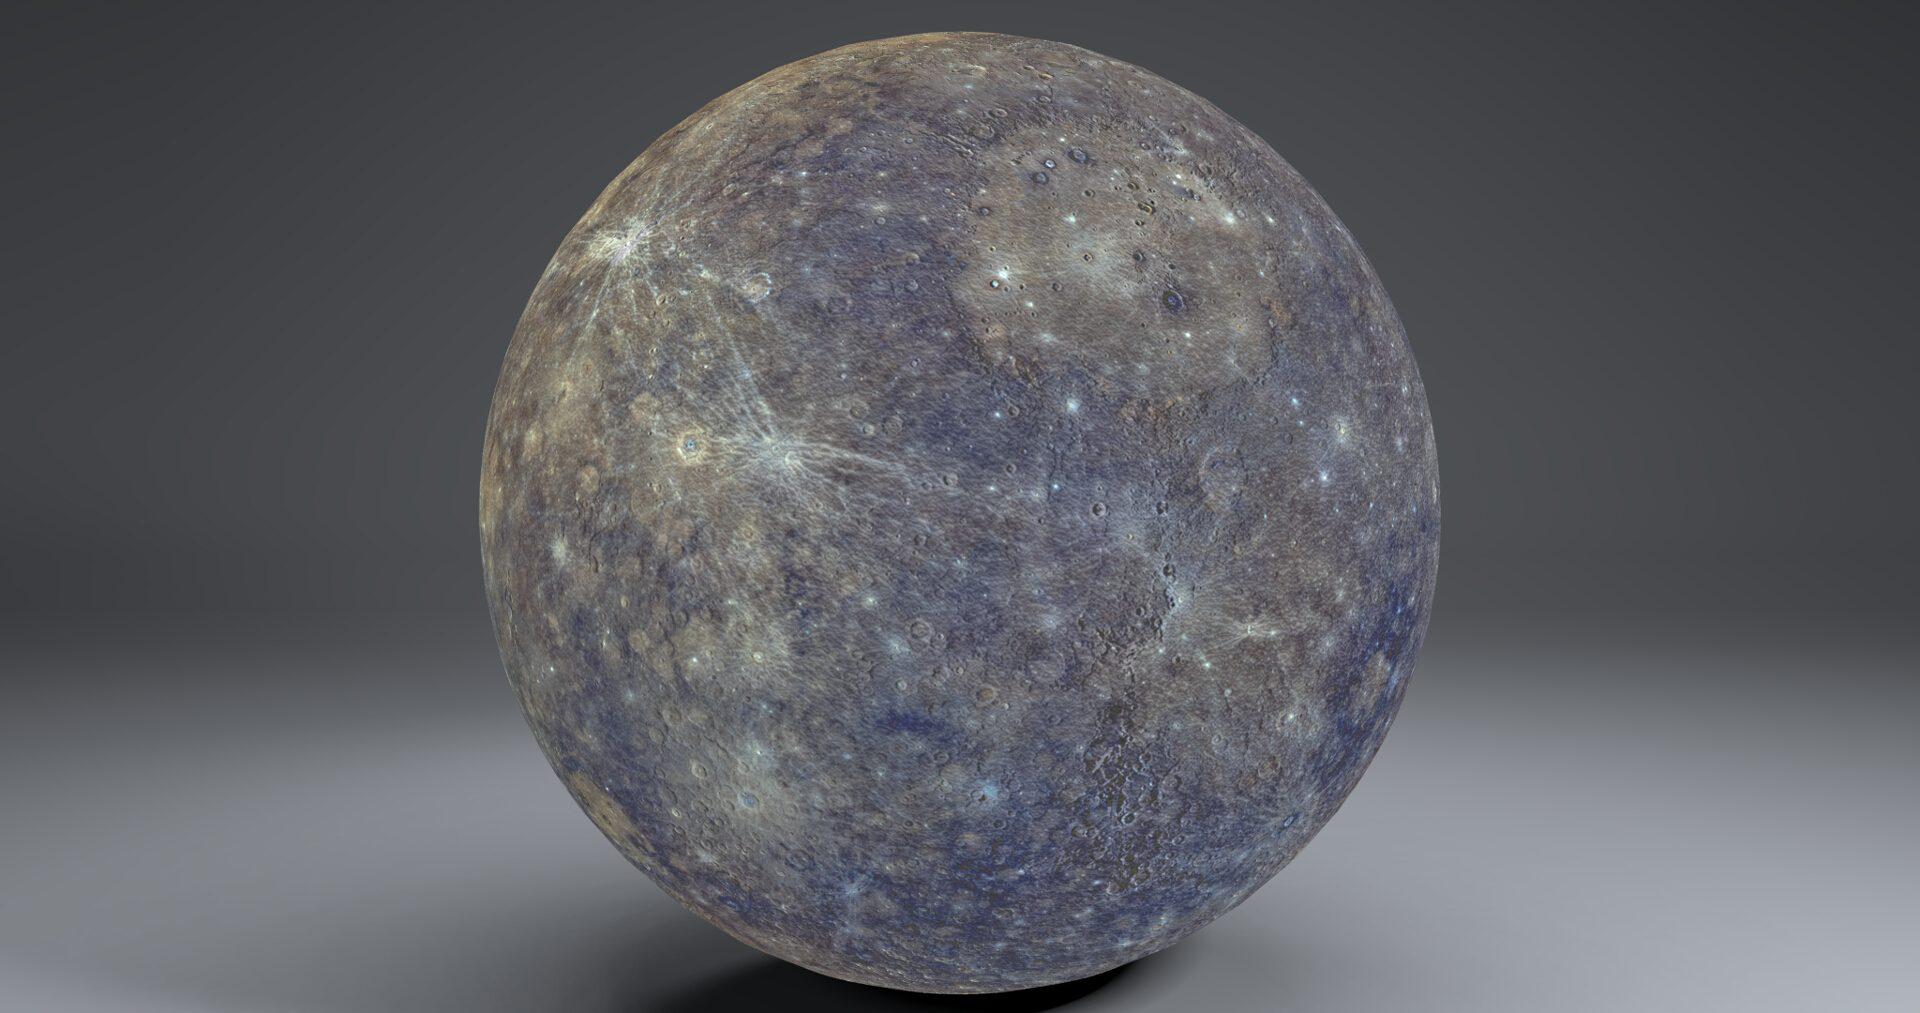 mercury 4k globe 3d model 3ds fbx blend dae obj 252190